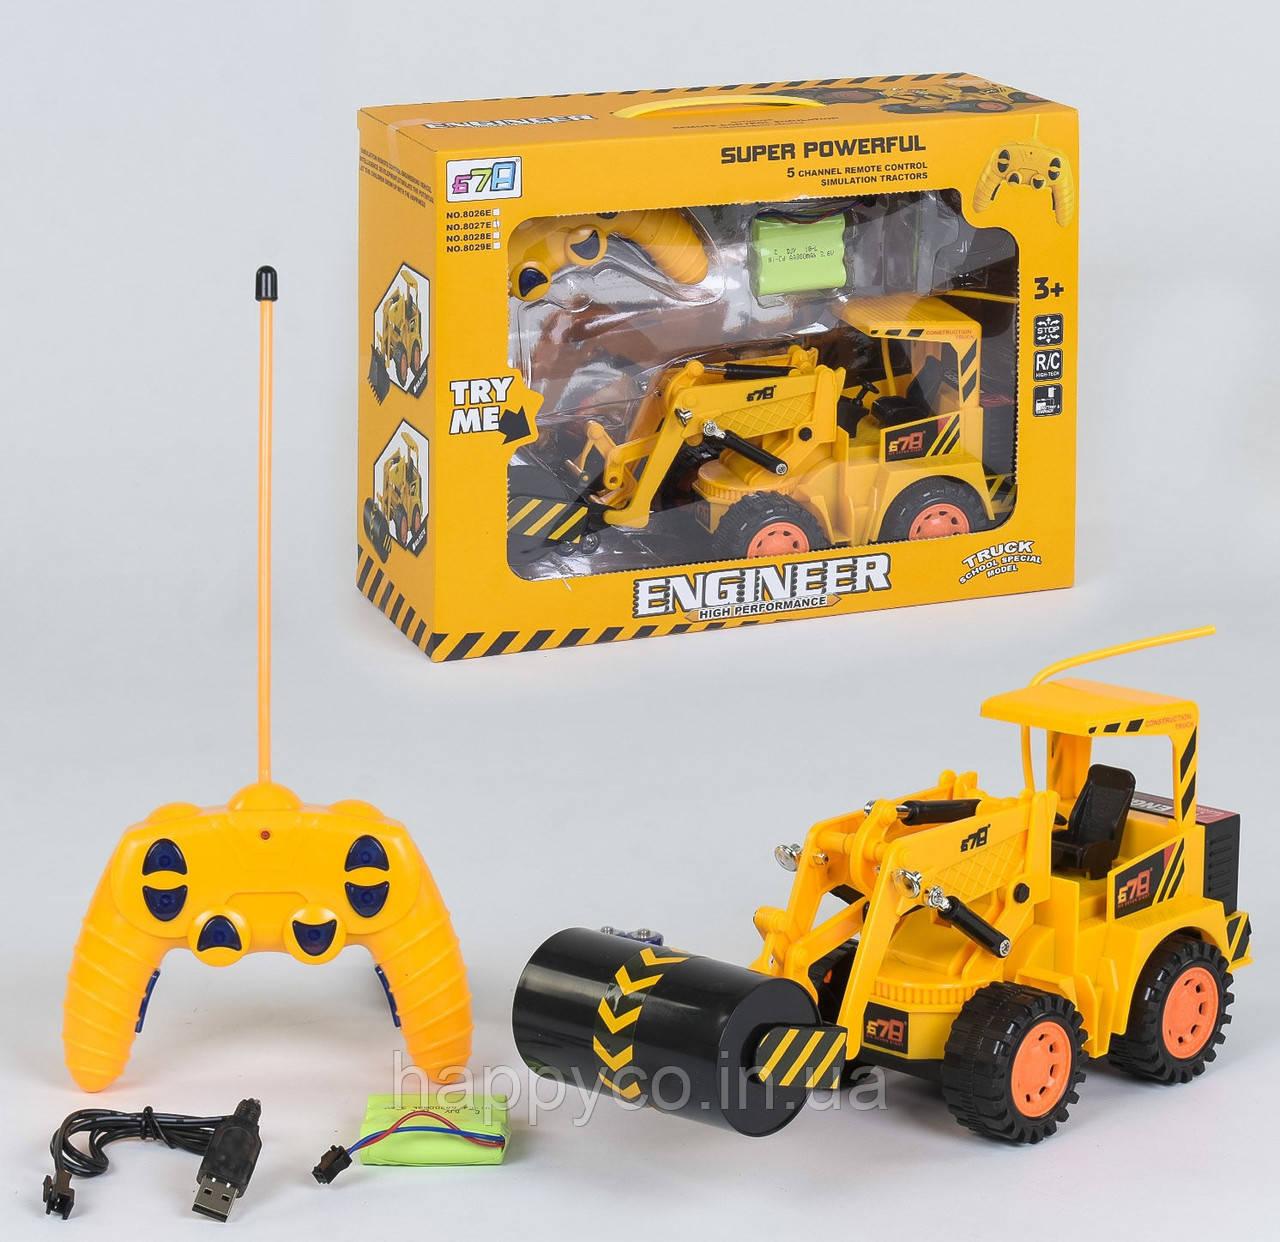 Детская машинка Каток радиоуправлении  аккум 4,8 V, интерактивная игрушка